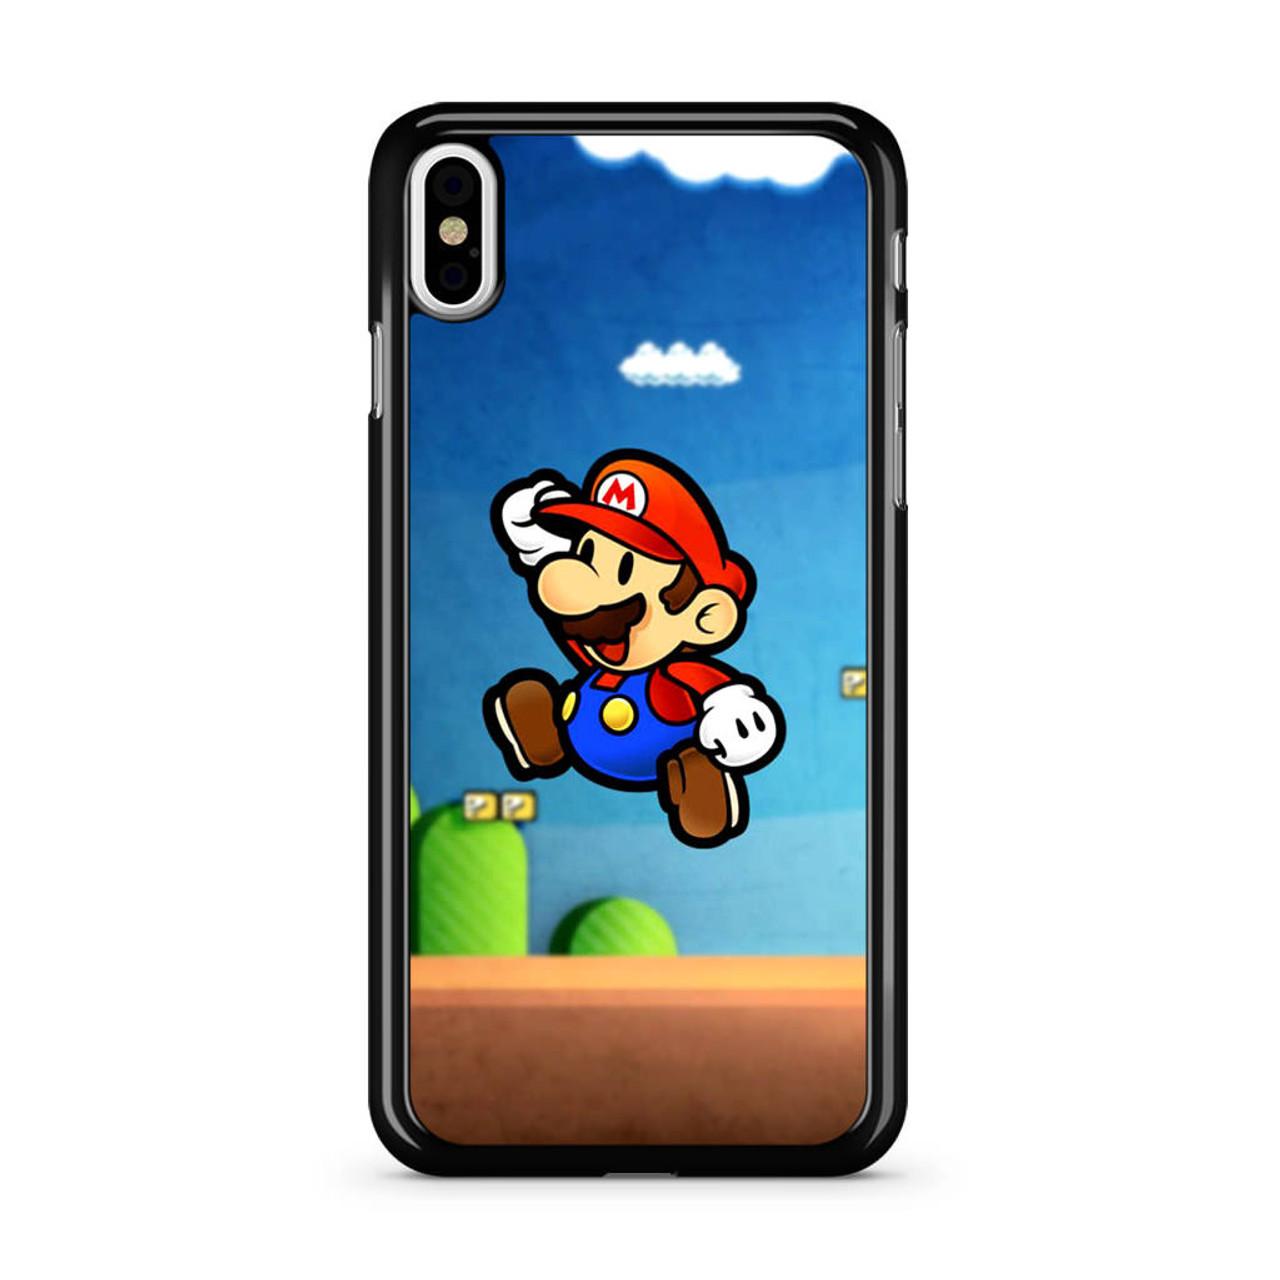 cheaper 84c45 9f24c Super Mario Bros 2017 iPhone X Case